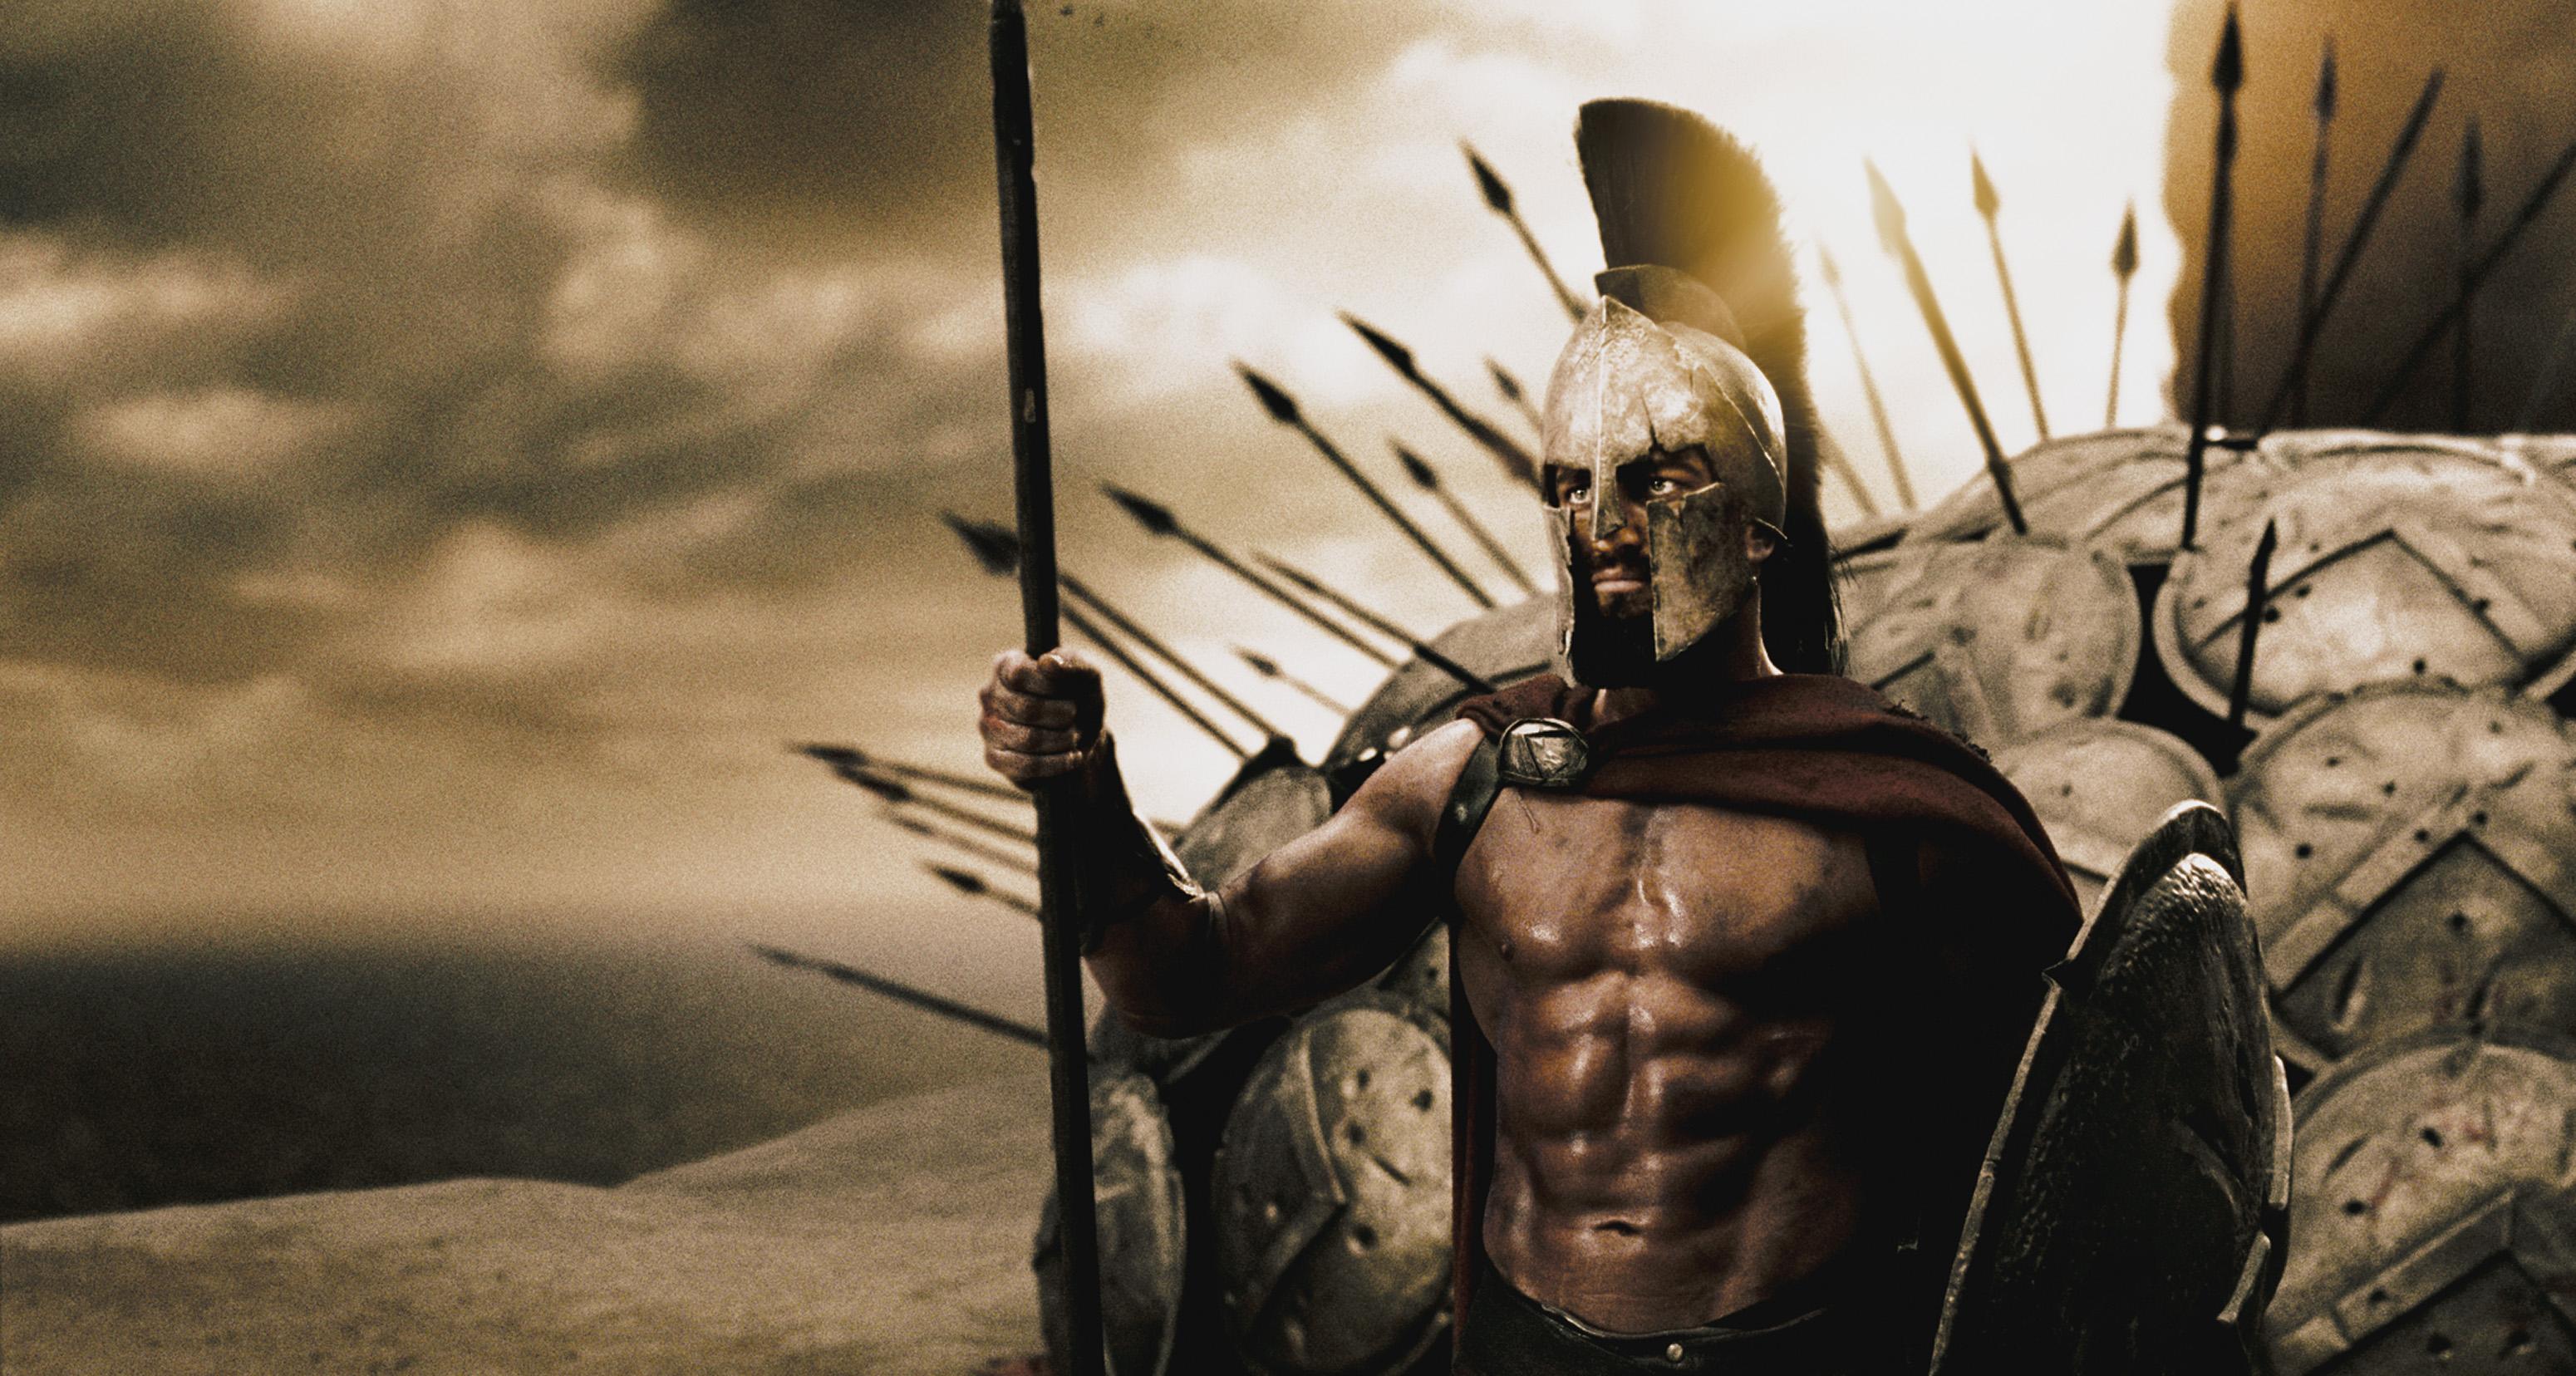 61 300 Спартанцев Обоев | HD Заставки - Wallpaper Abyss